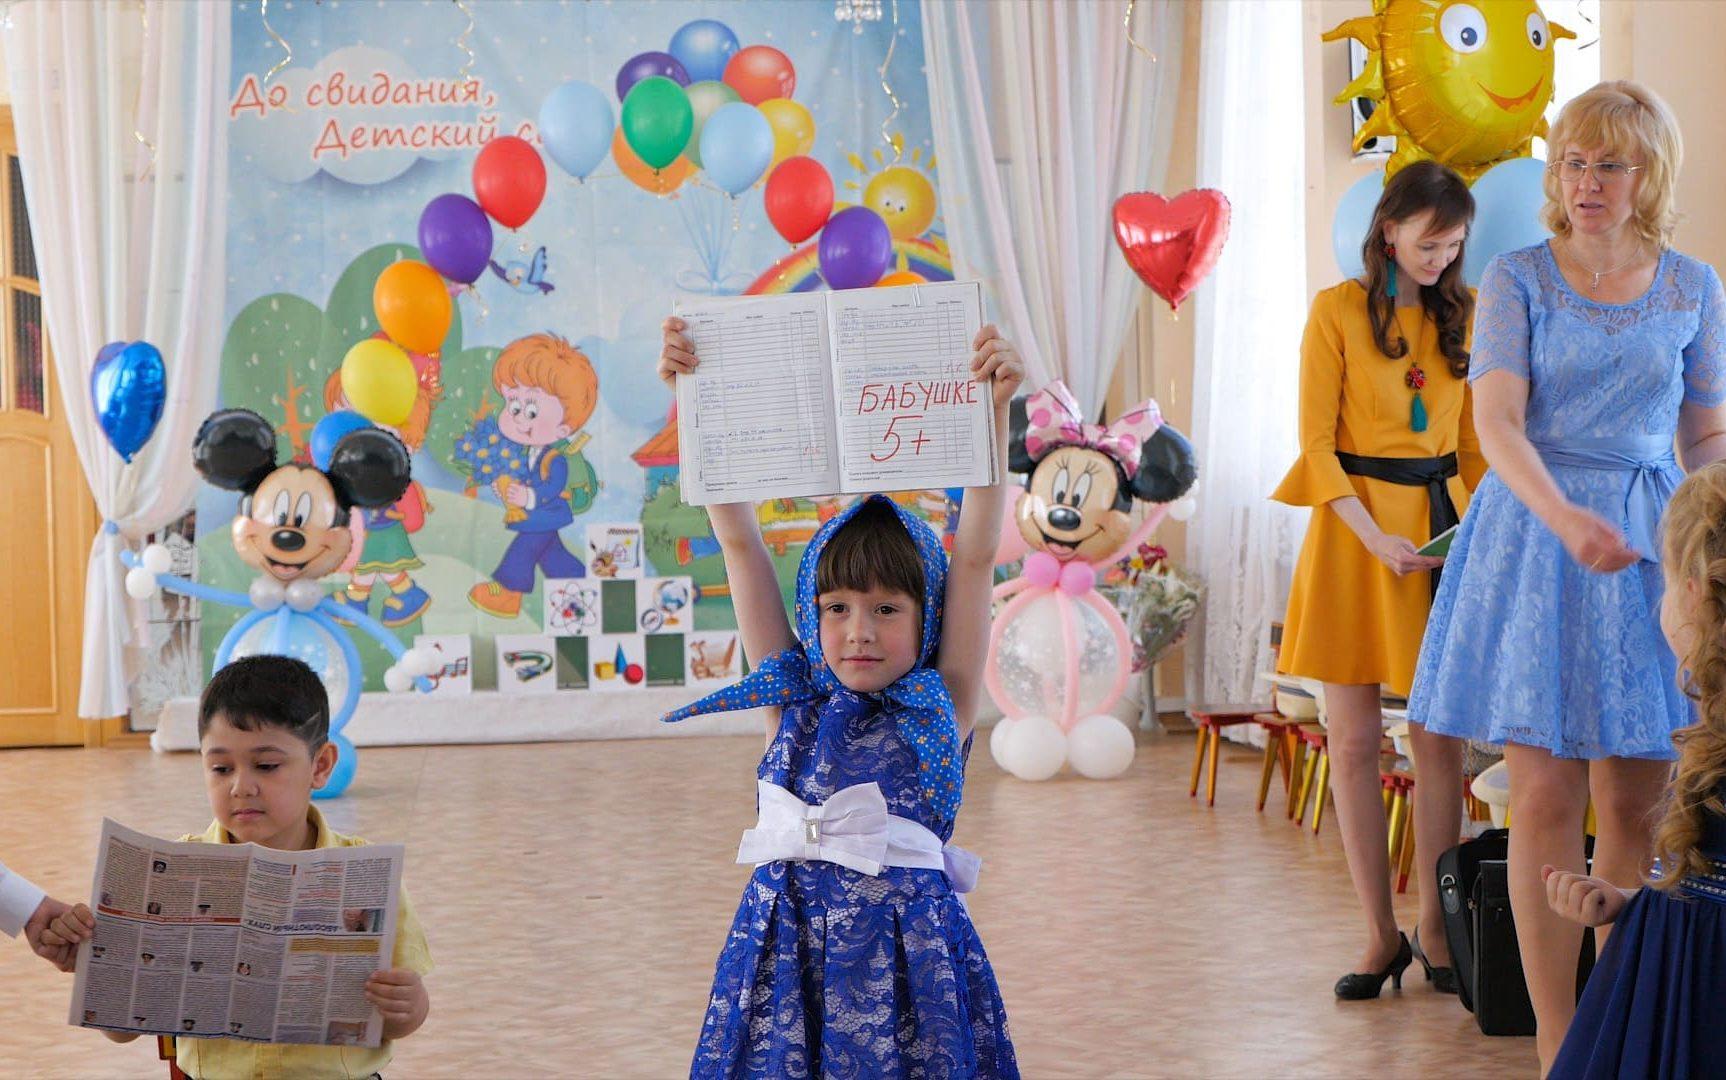 Видеосъемка выпускного в детском саду в Санкт-Петербурге